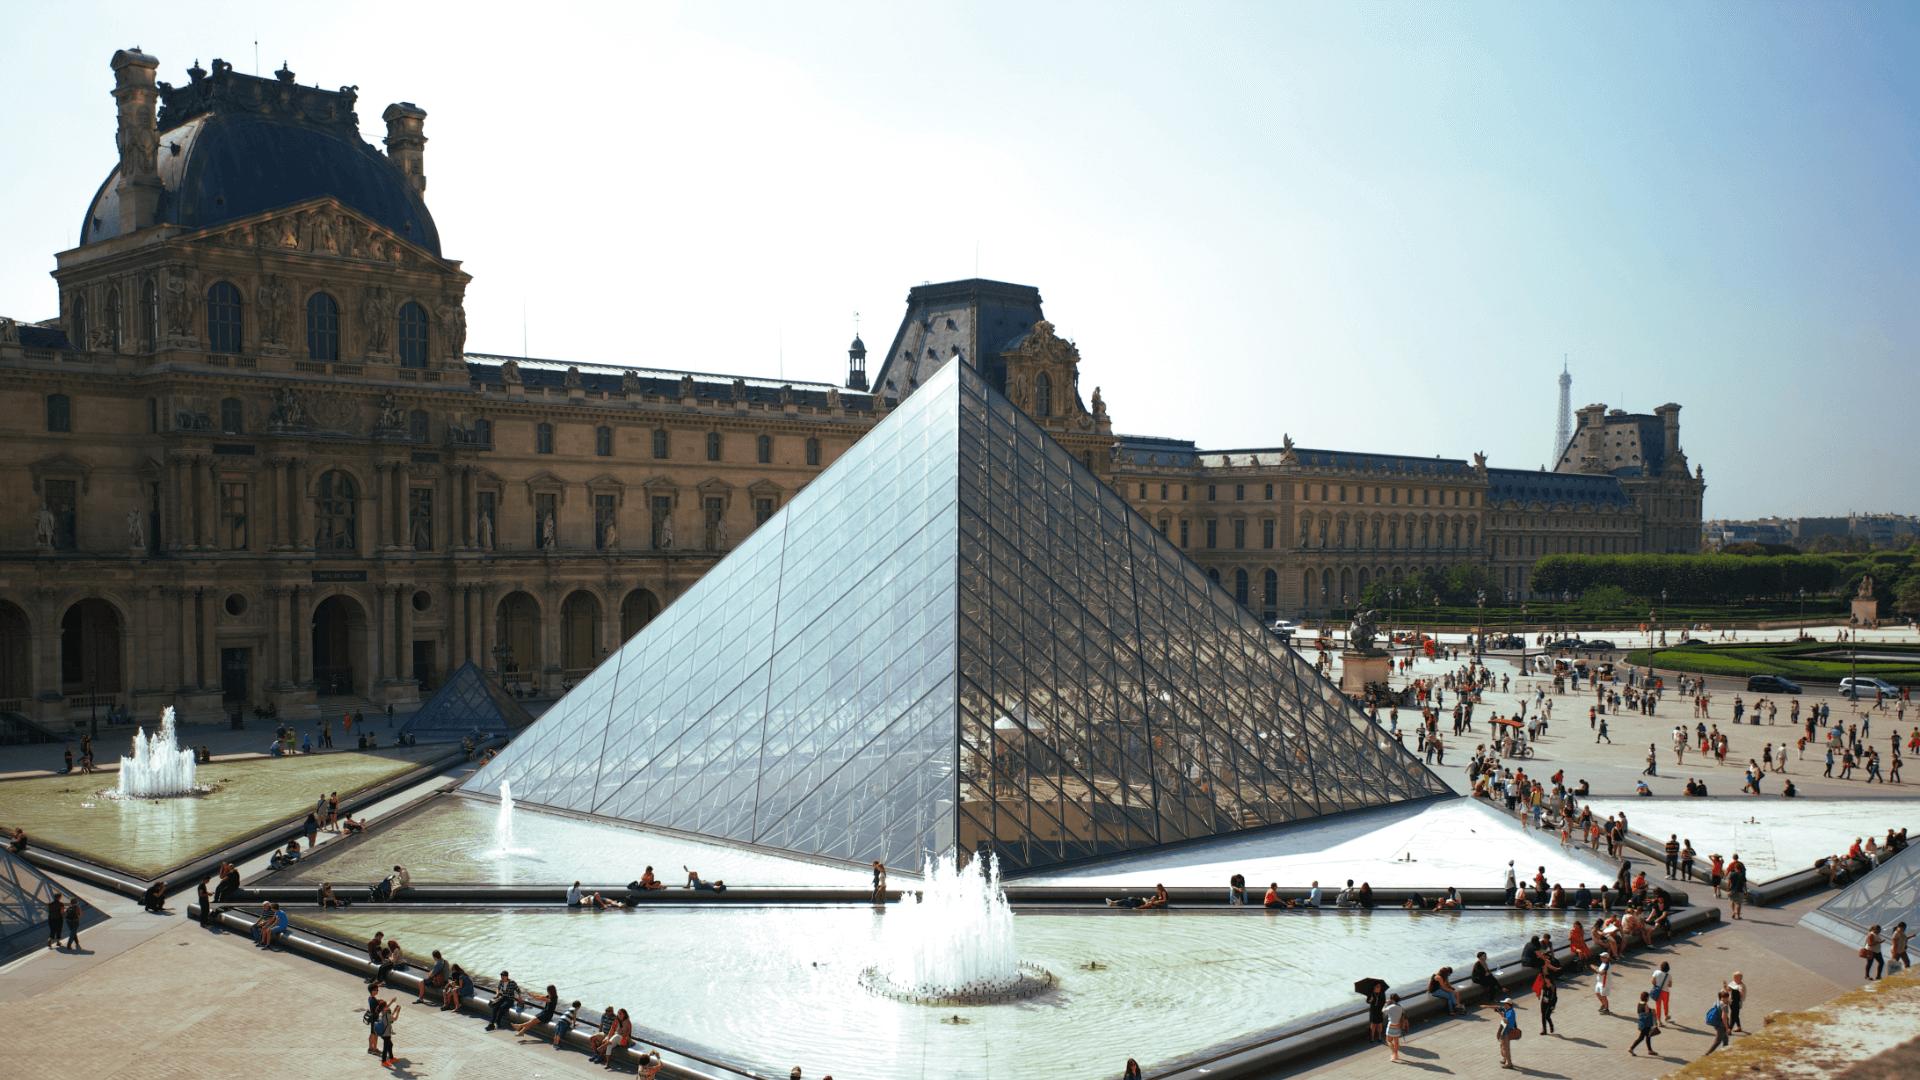 Louvre'un Piramidinin Yaratıcısı, Geometrik Mimarinin Ustası; Ieoh Ming Pei